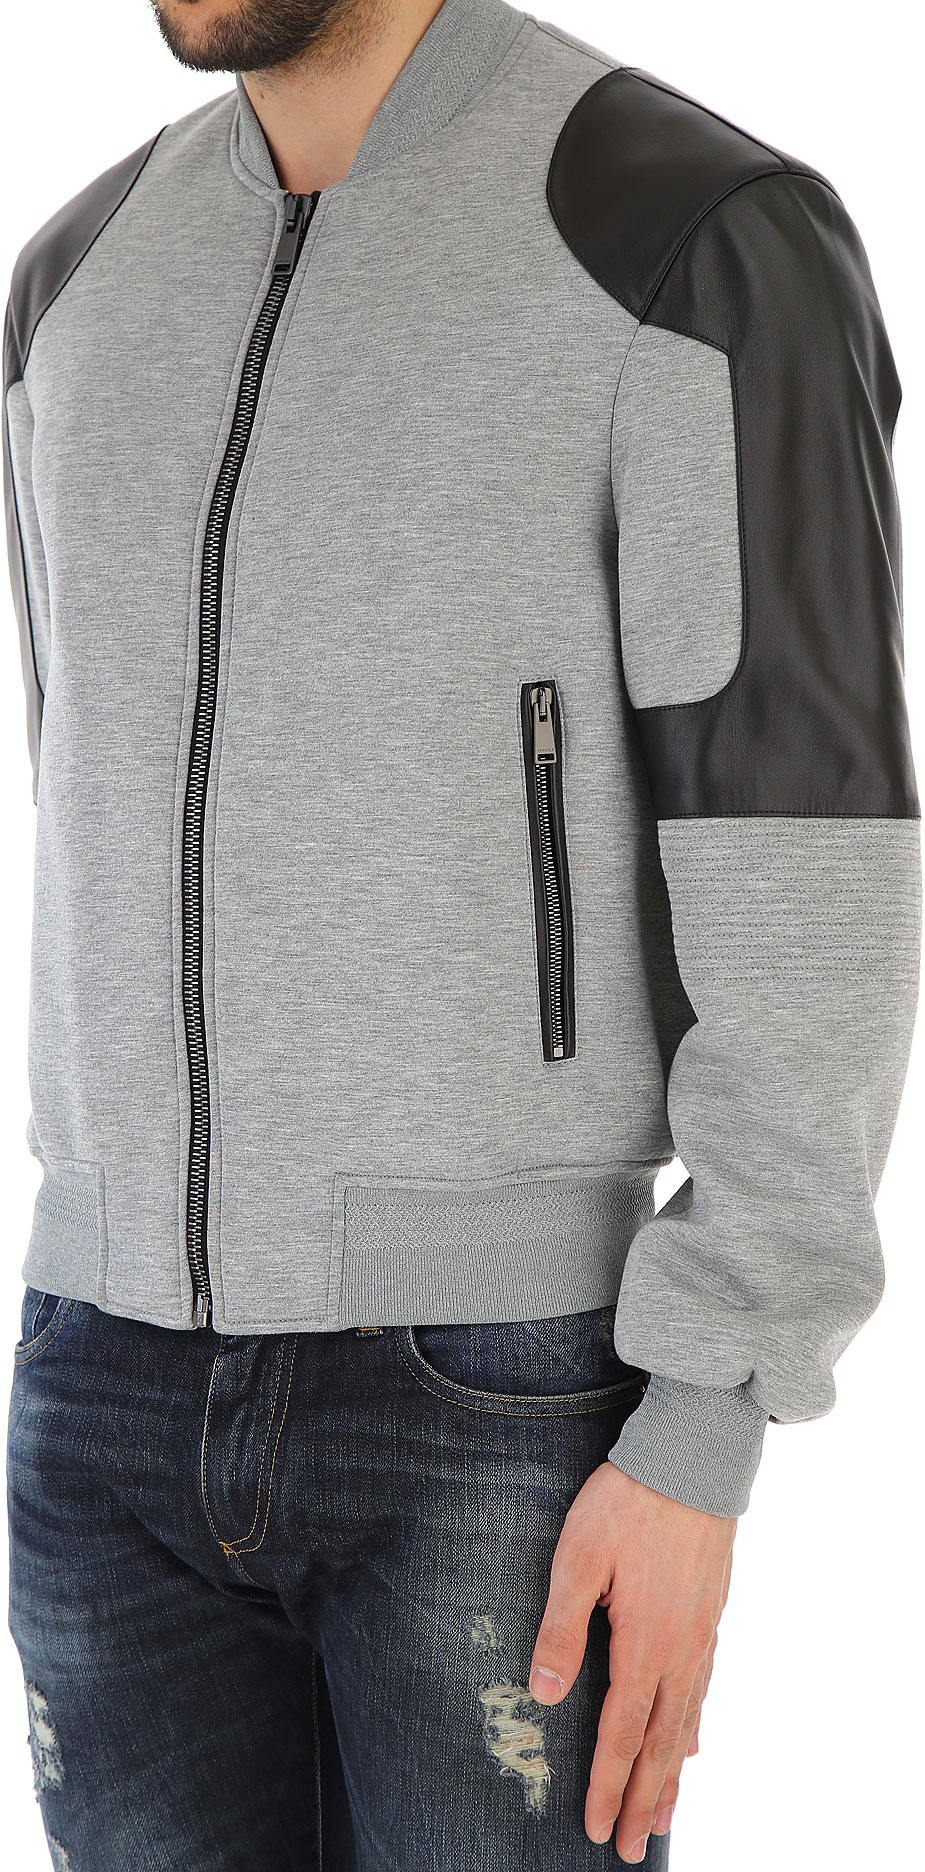 Abbigliamento Uomo Versace, Codice Articolo: a786552-a222350-a901x